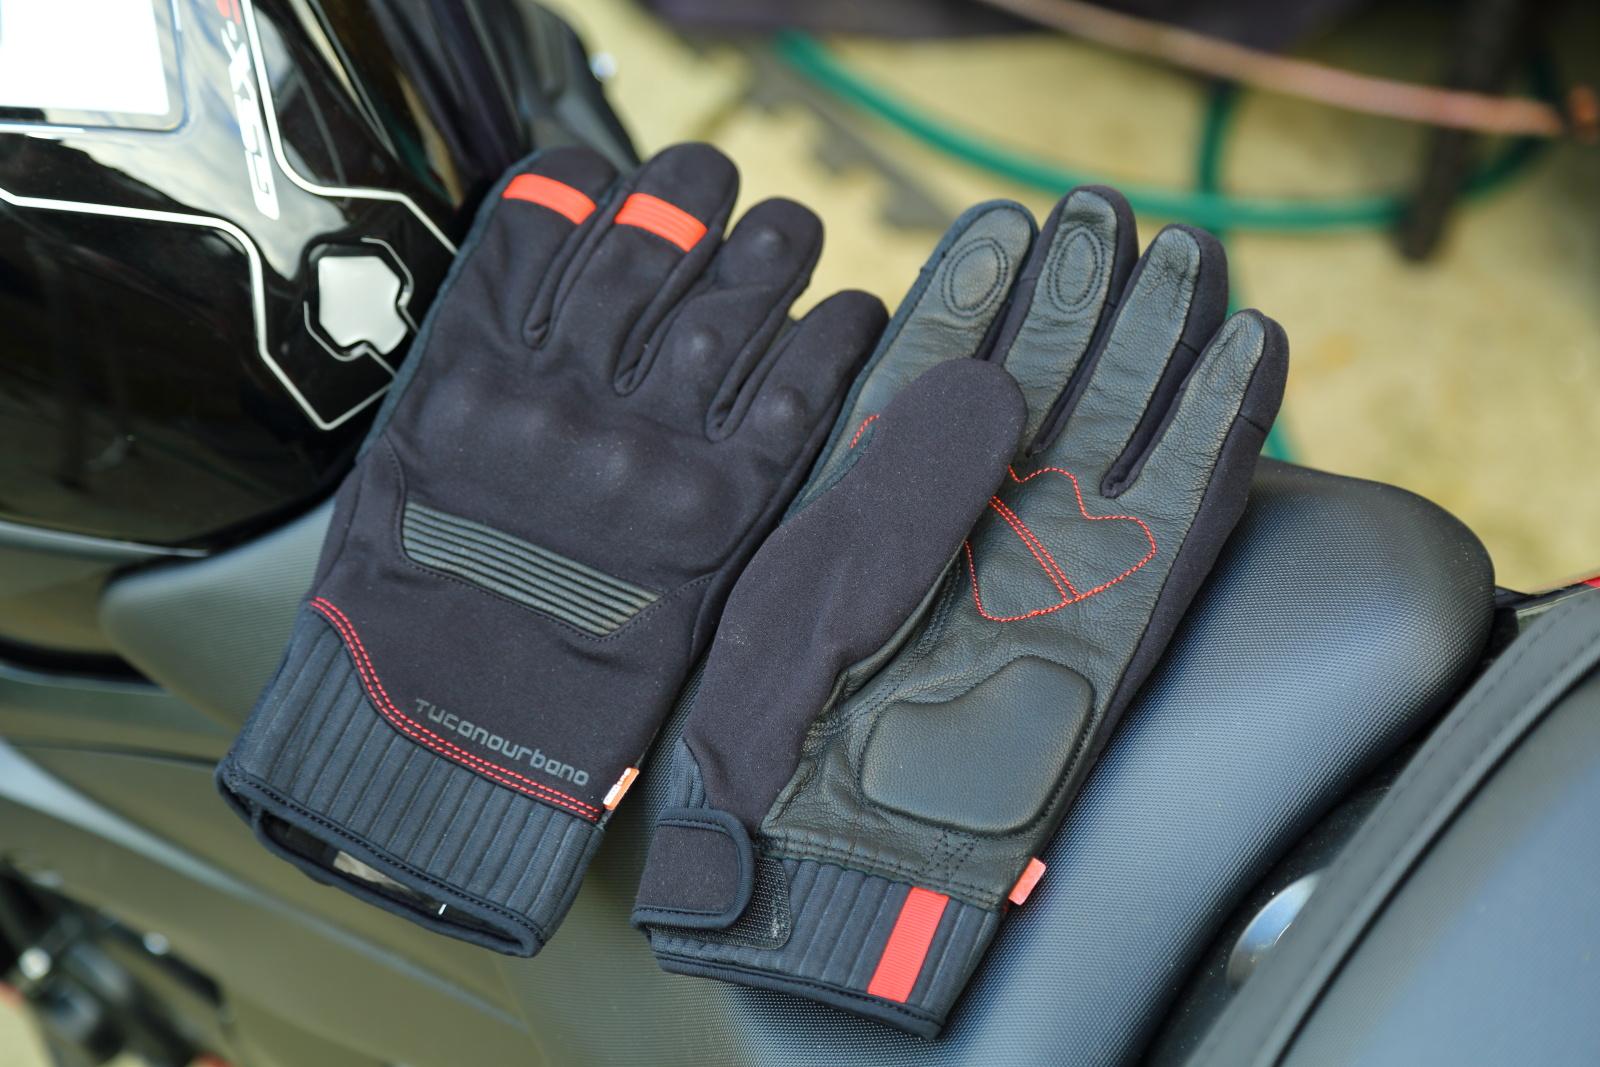 Tucano Urbano Torpedo gloves